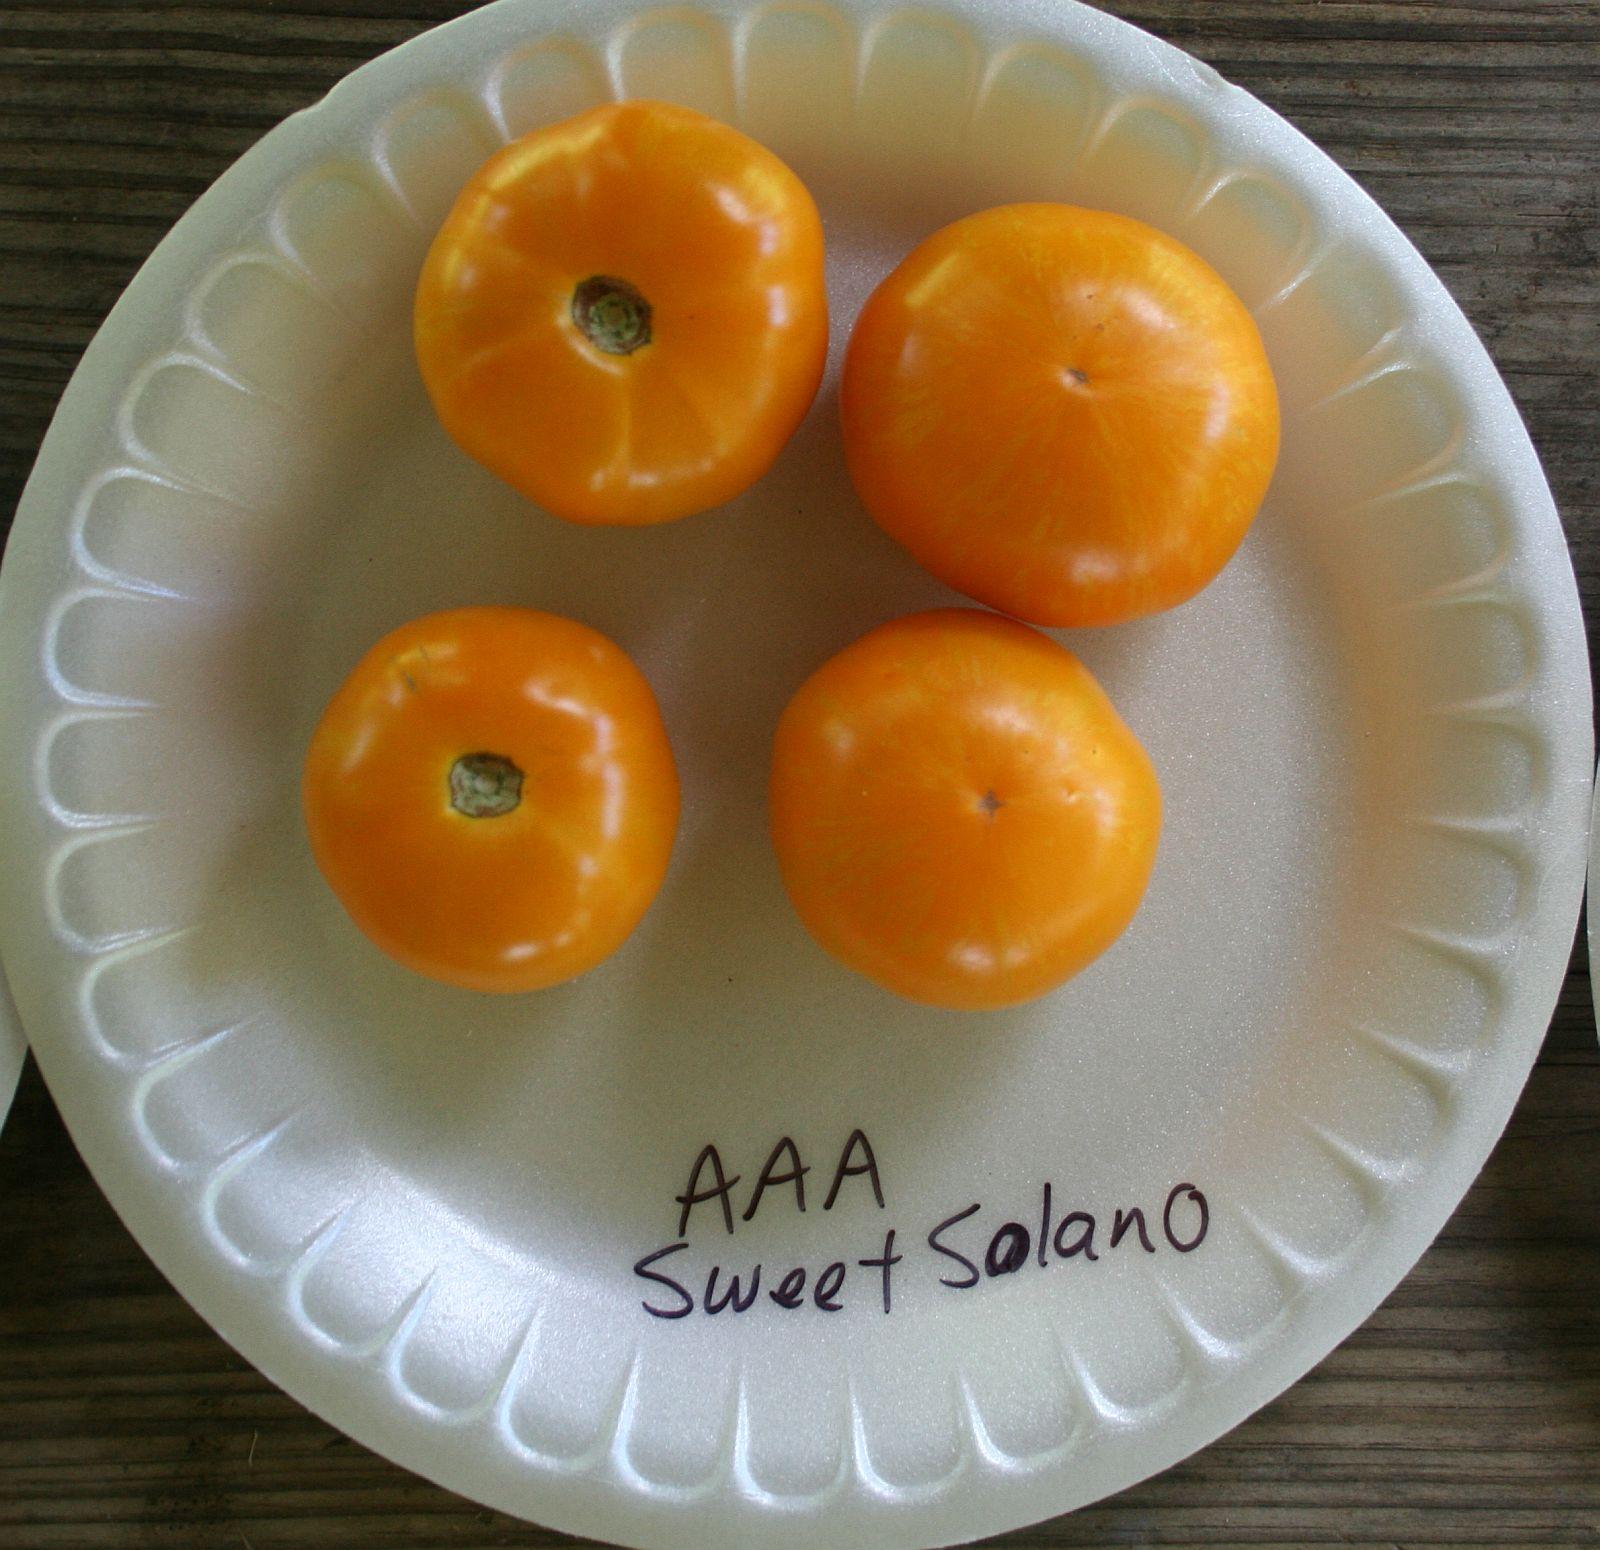 AAA Sweet Solano.jpg